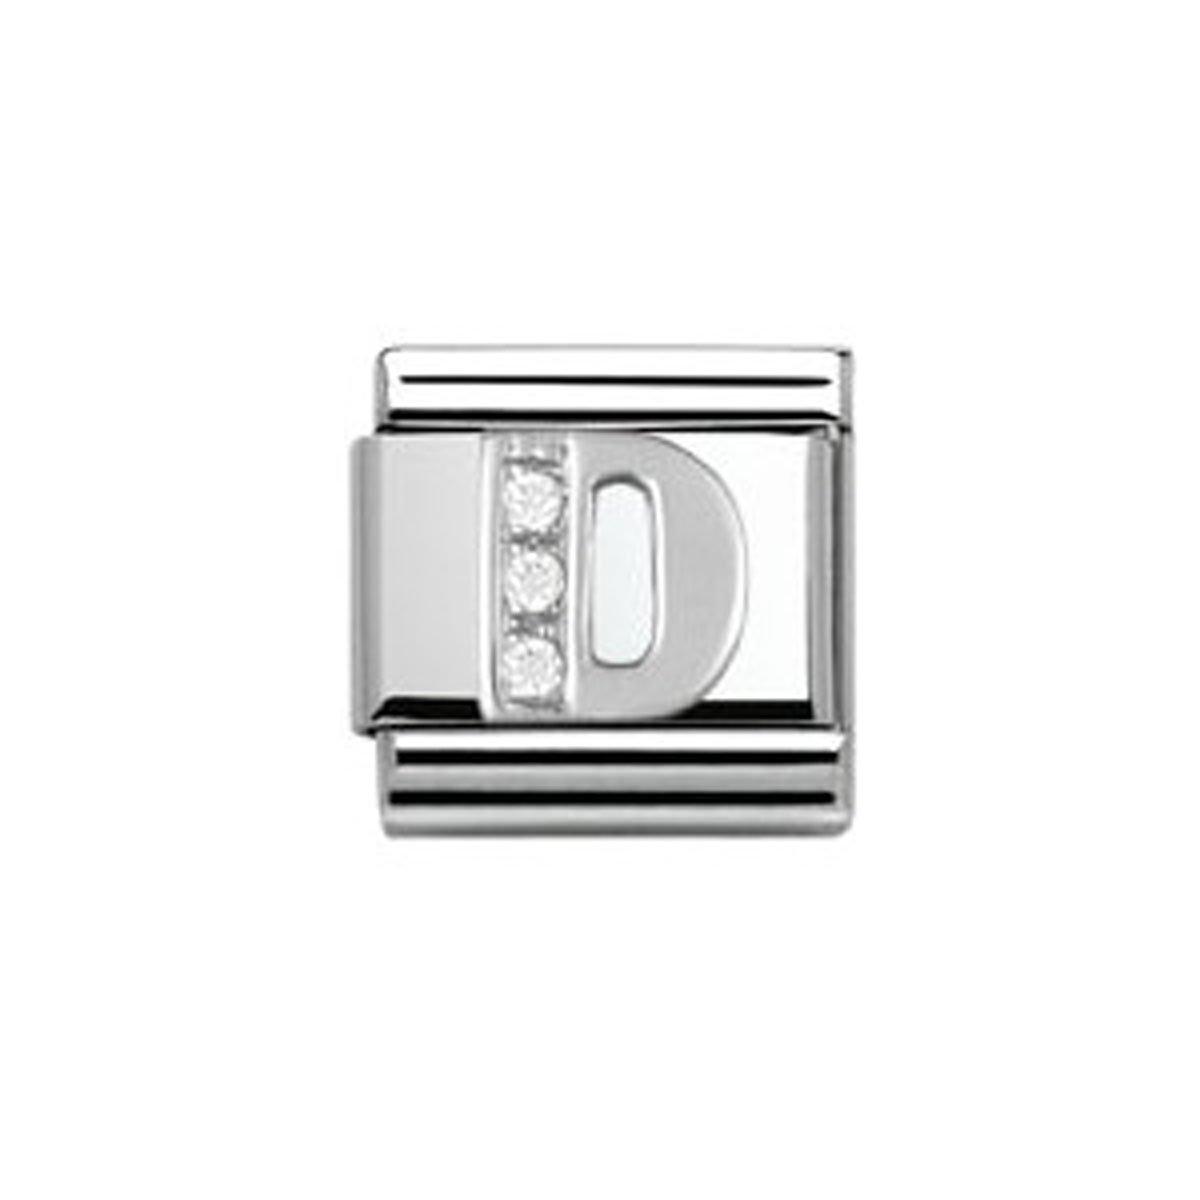 Nomination - 330301/04 - Maillon pour bracelet composable Femme - Argent 925/1000 Classic